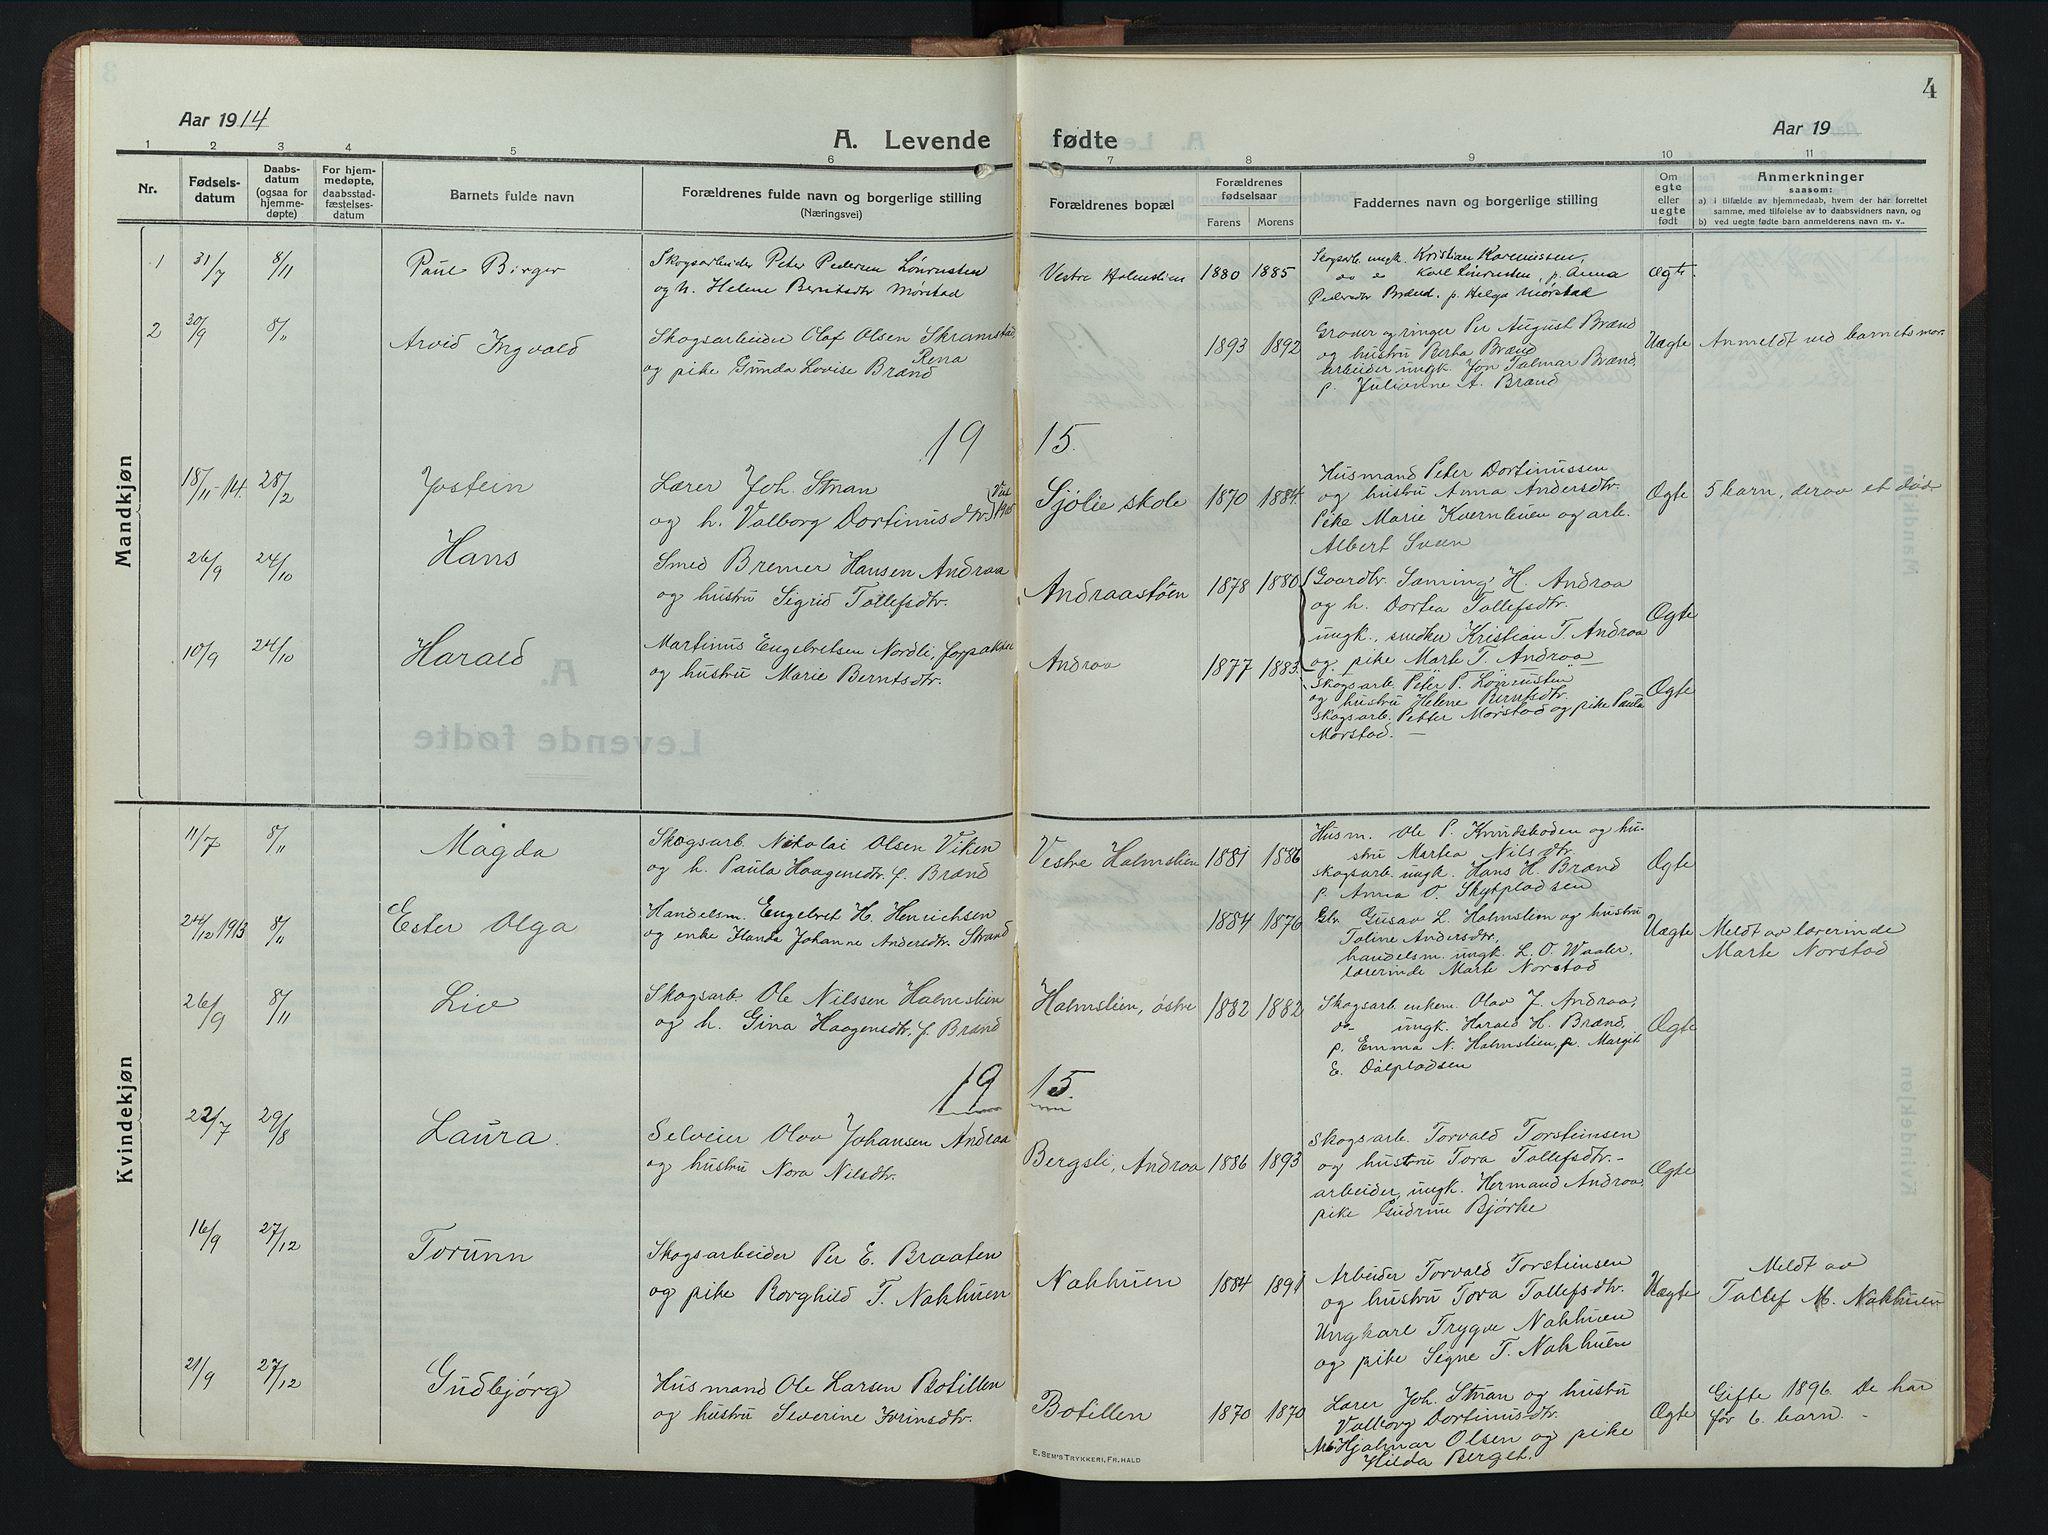 SAH, Rendalen prestekontor, H/Ha/Hab/L0008: Klokkerbok nr. 8, 1914-1948, s. 4